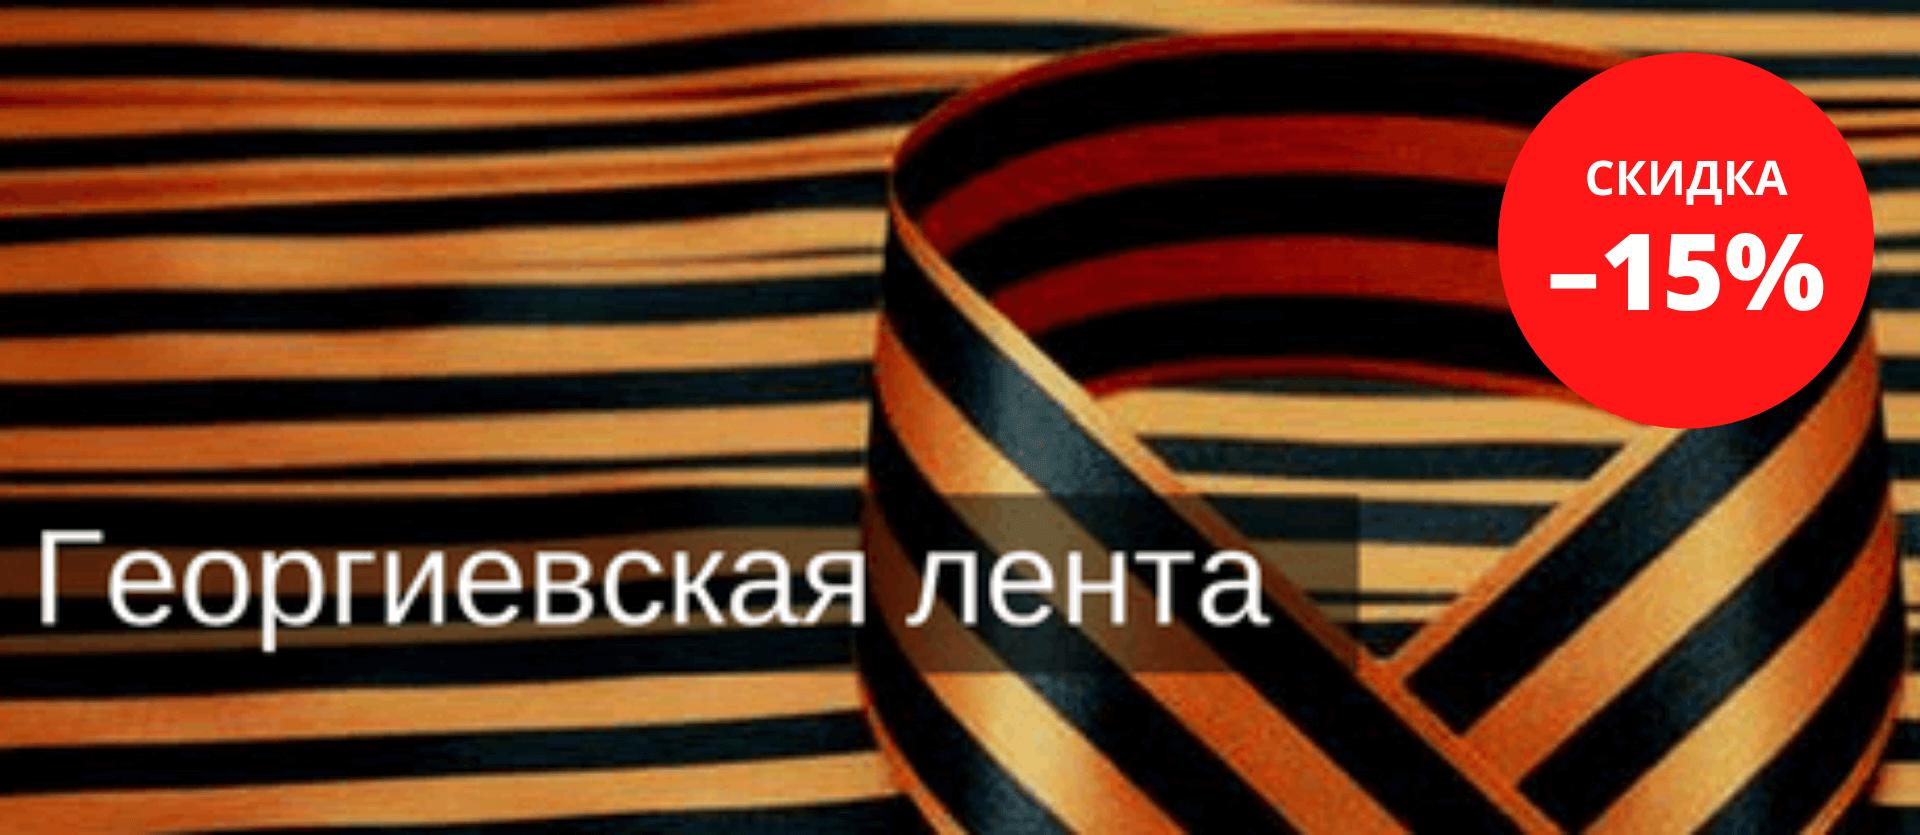 Скидка георгиевская лента